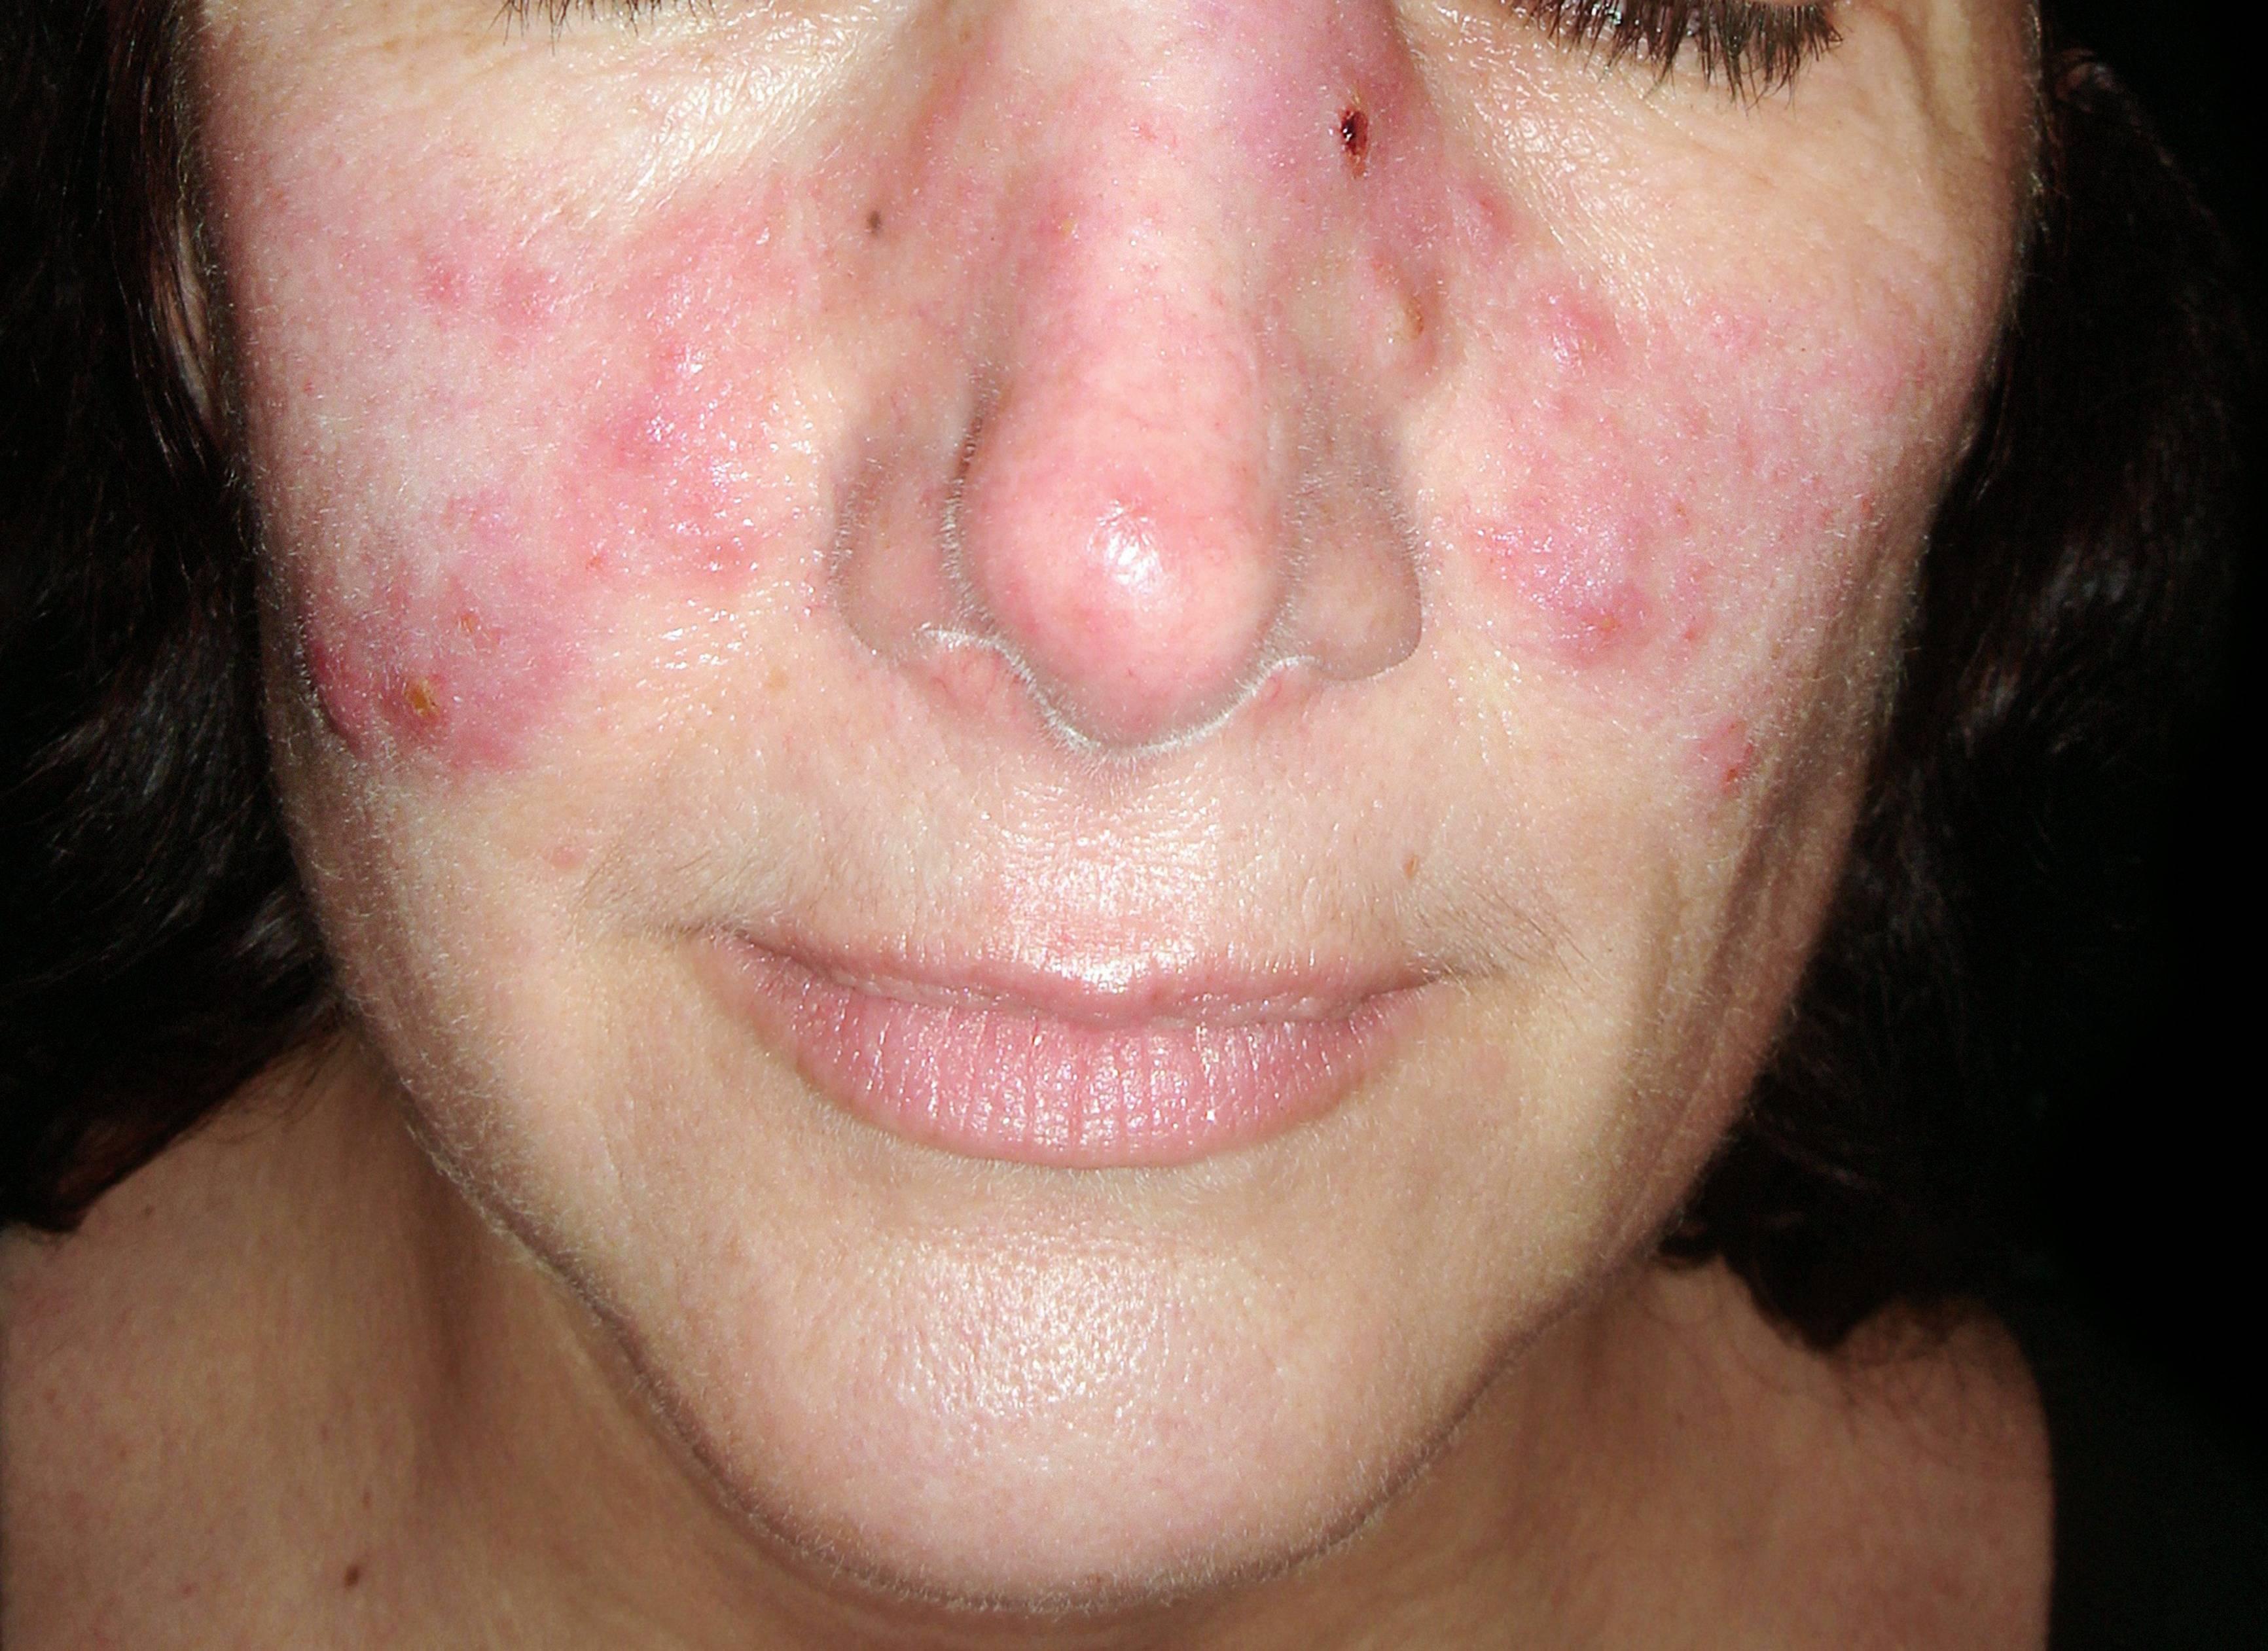 vörös foltok jelentek meg a szem körüli arcon